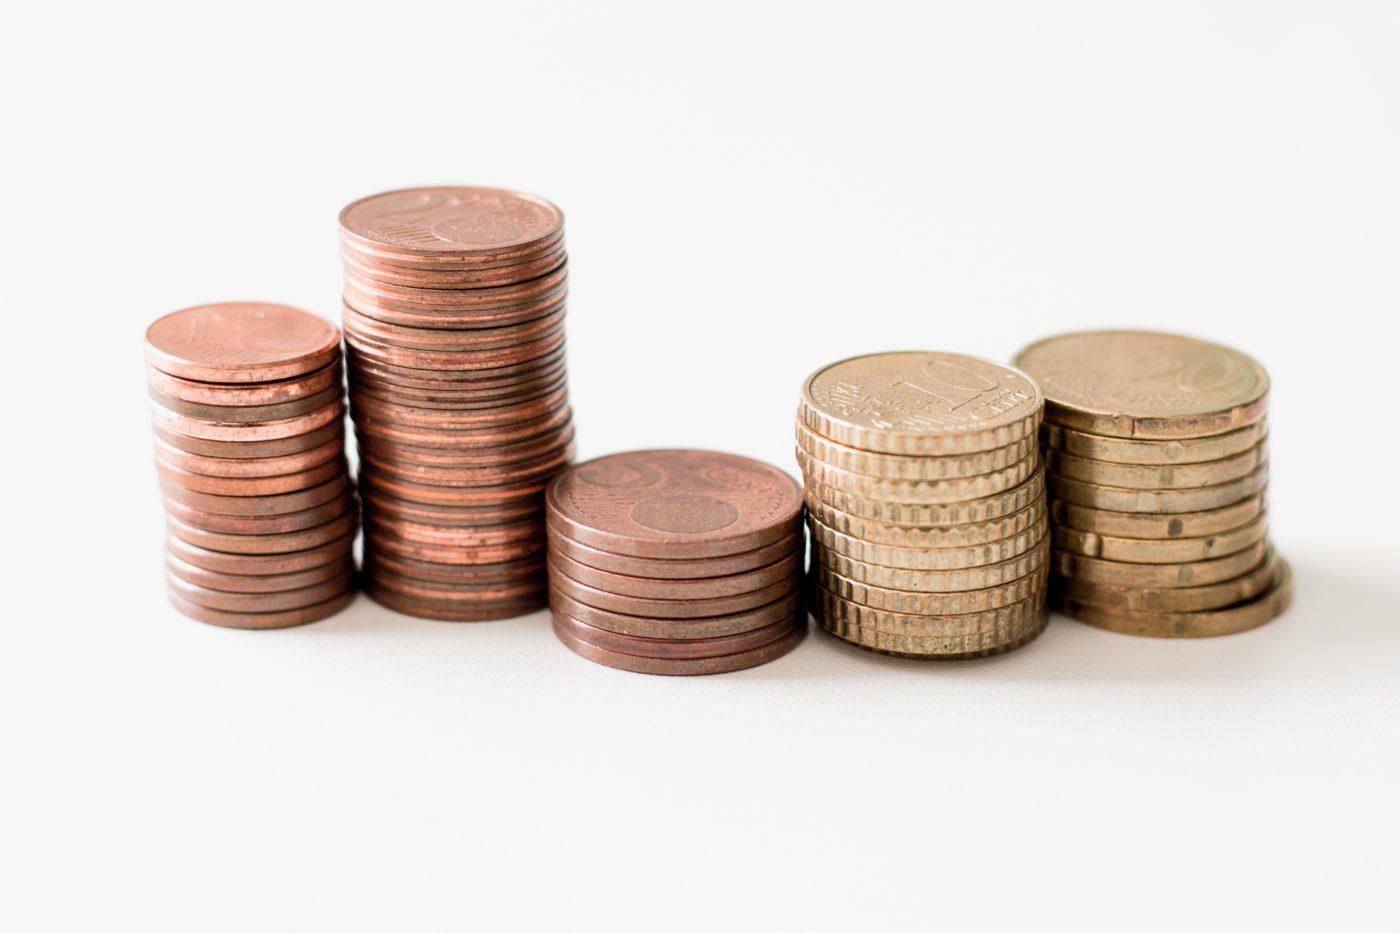 Vocal interactions, crescono gli investimenti nel finance